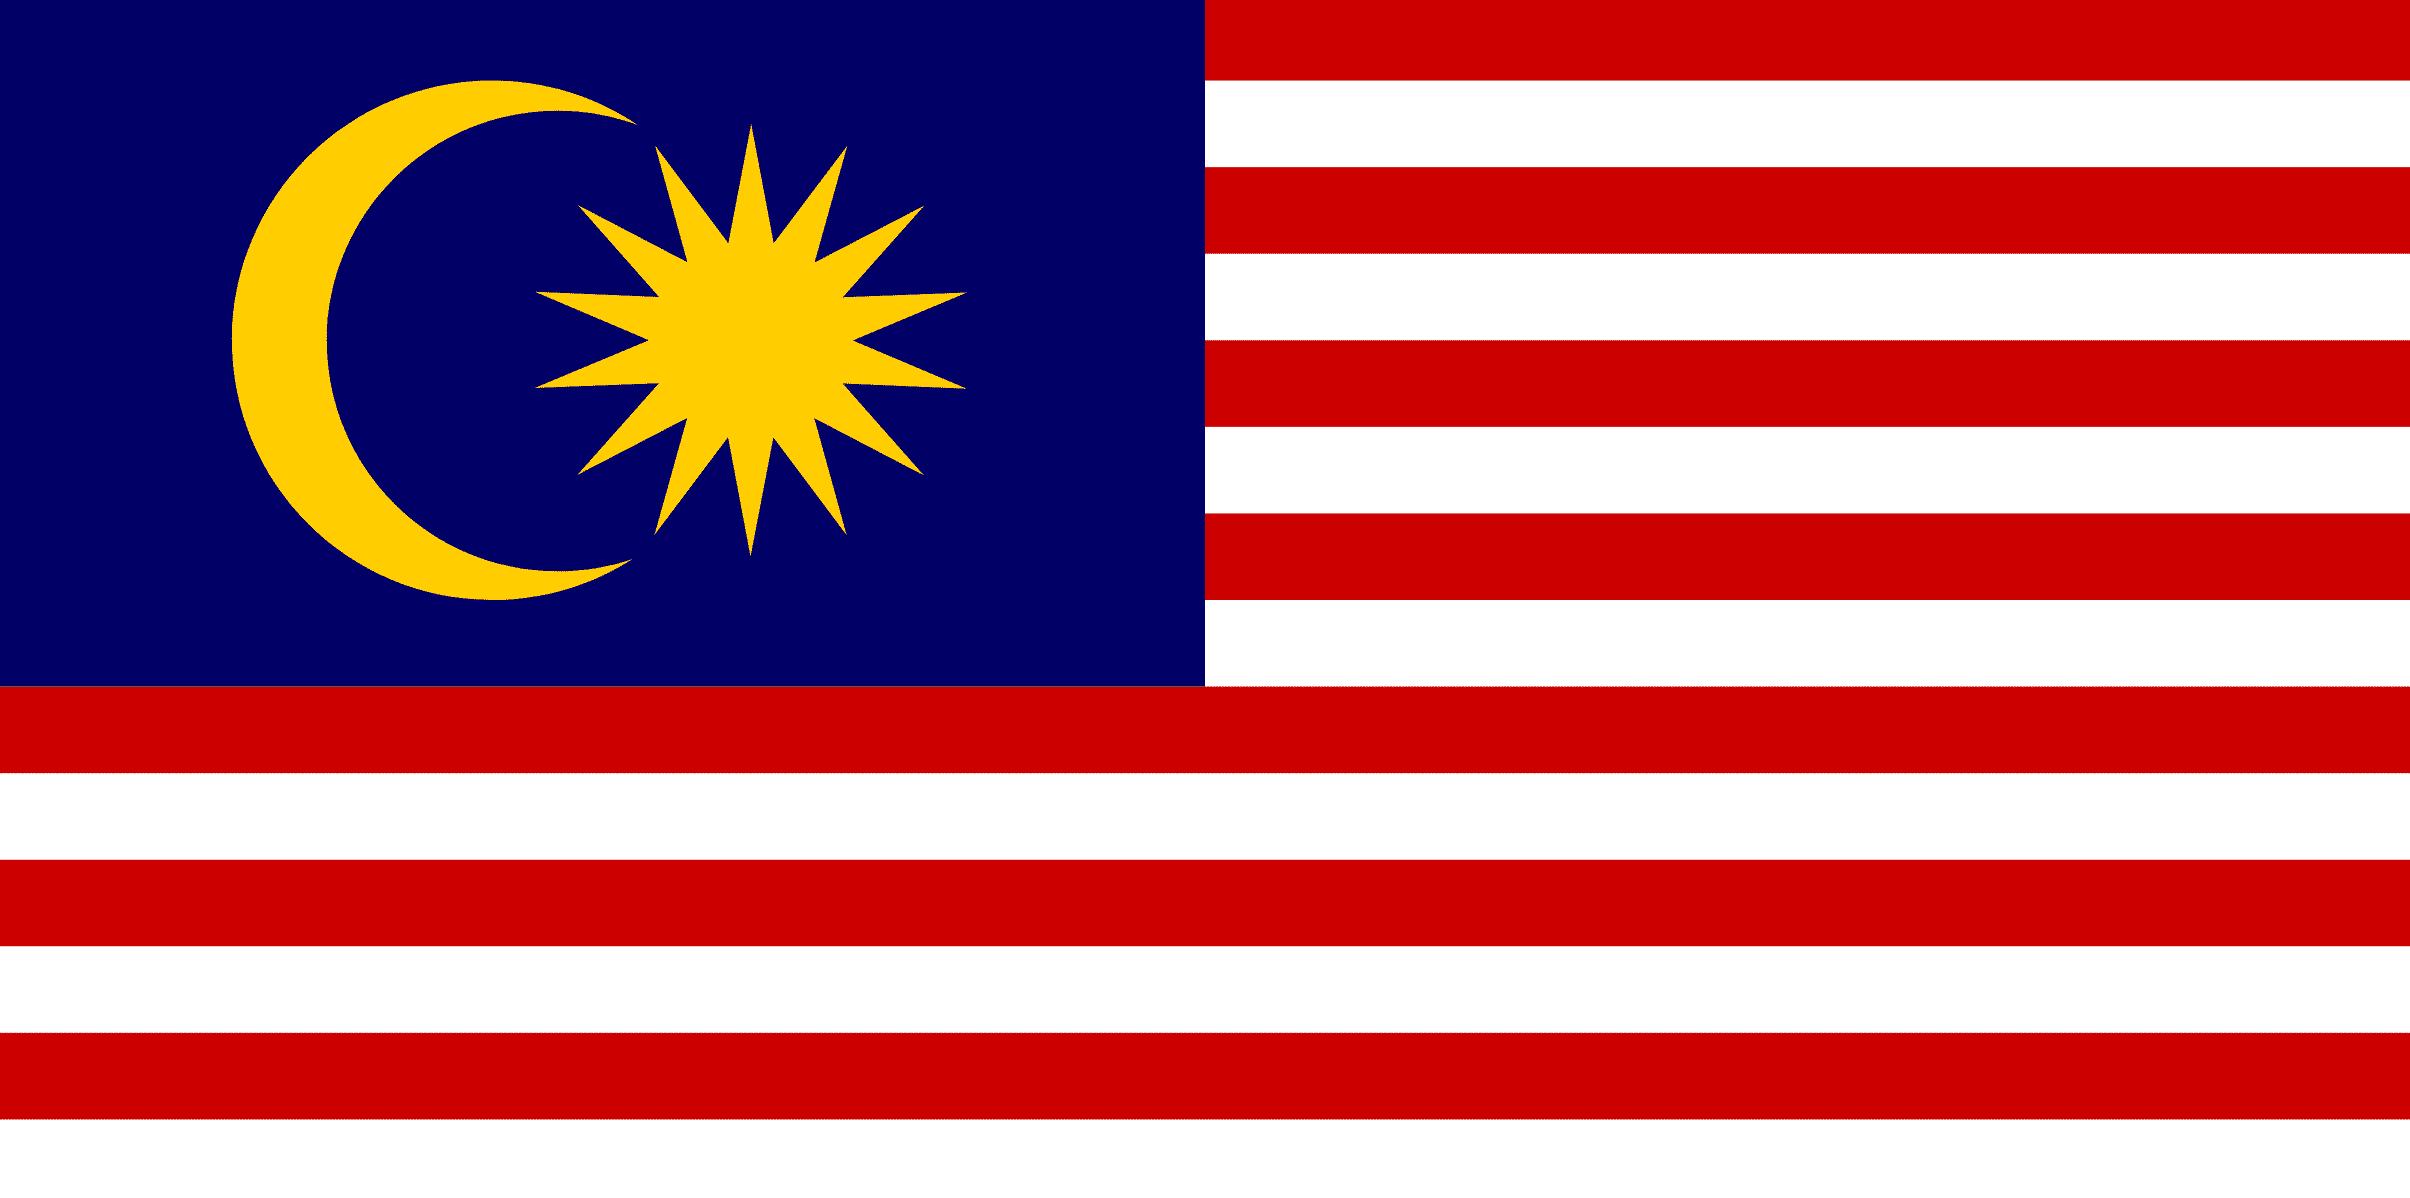 Wie sieht die Fahne von Malaysia aus?